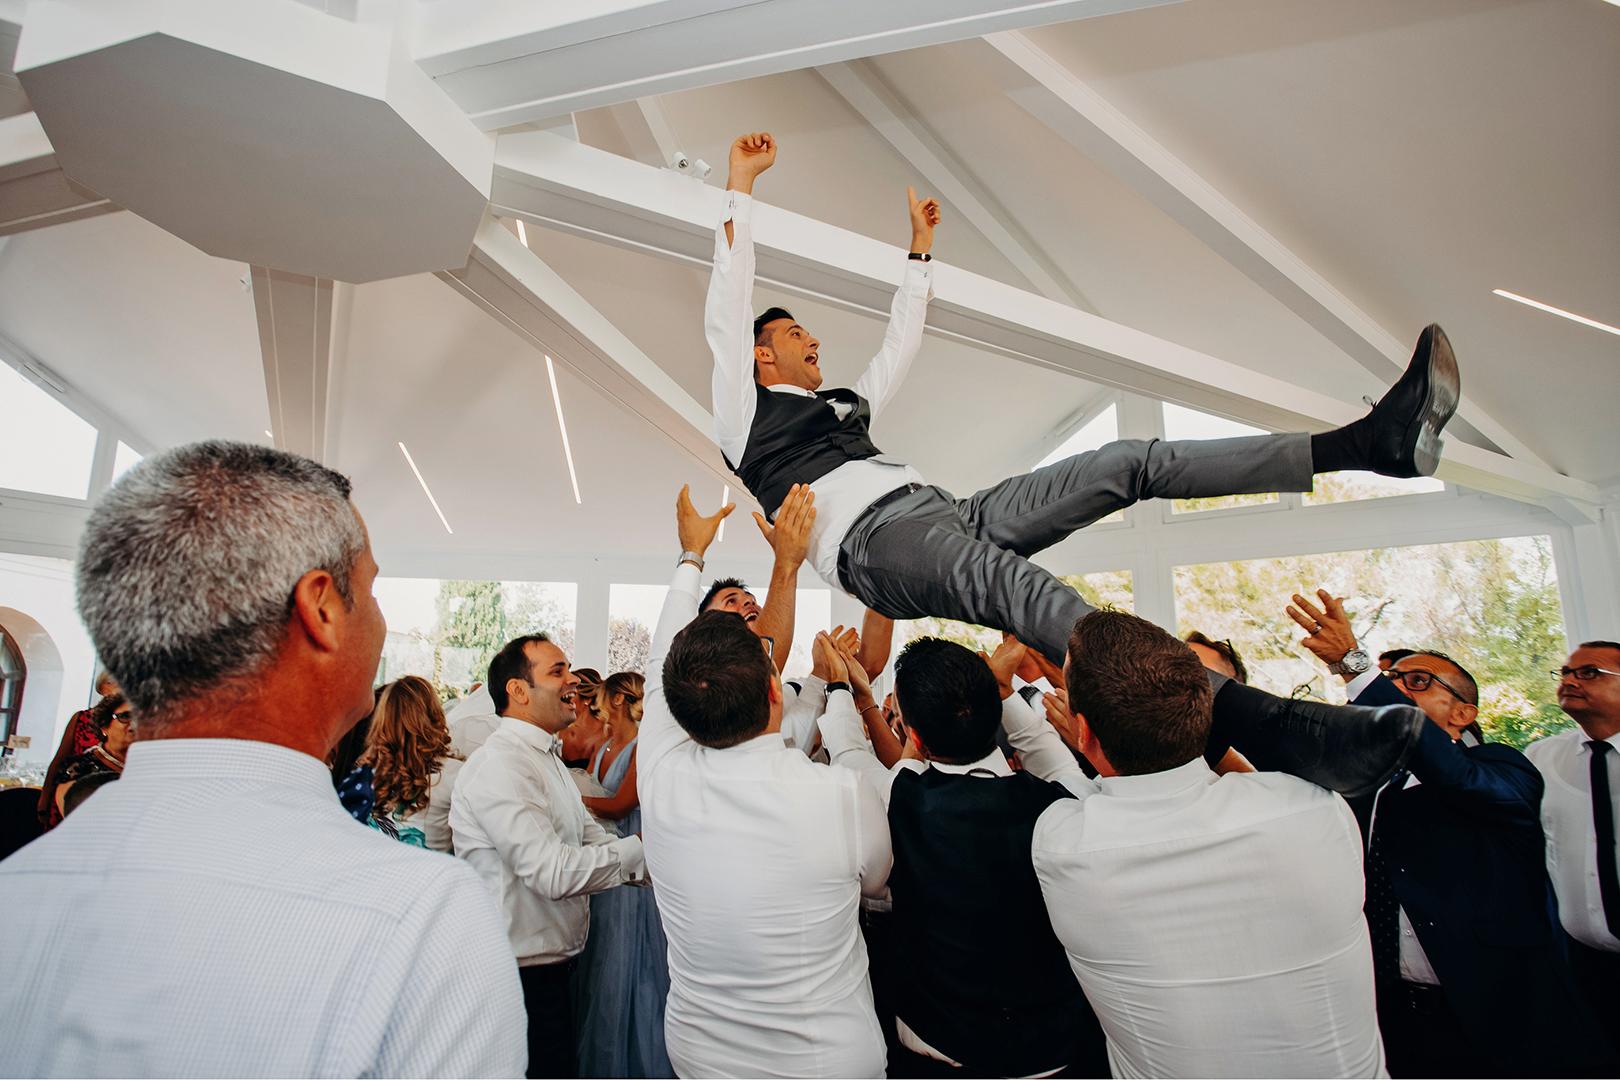 57 gianni-lepore-fotografo-lancio-sposi-ballo-invitati-sposo-groom-torre-andriana-foggia